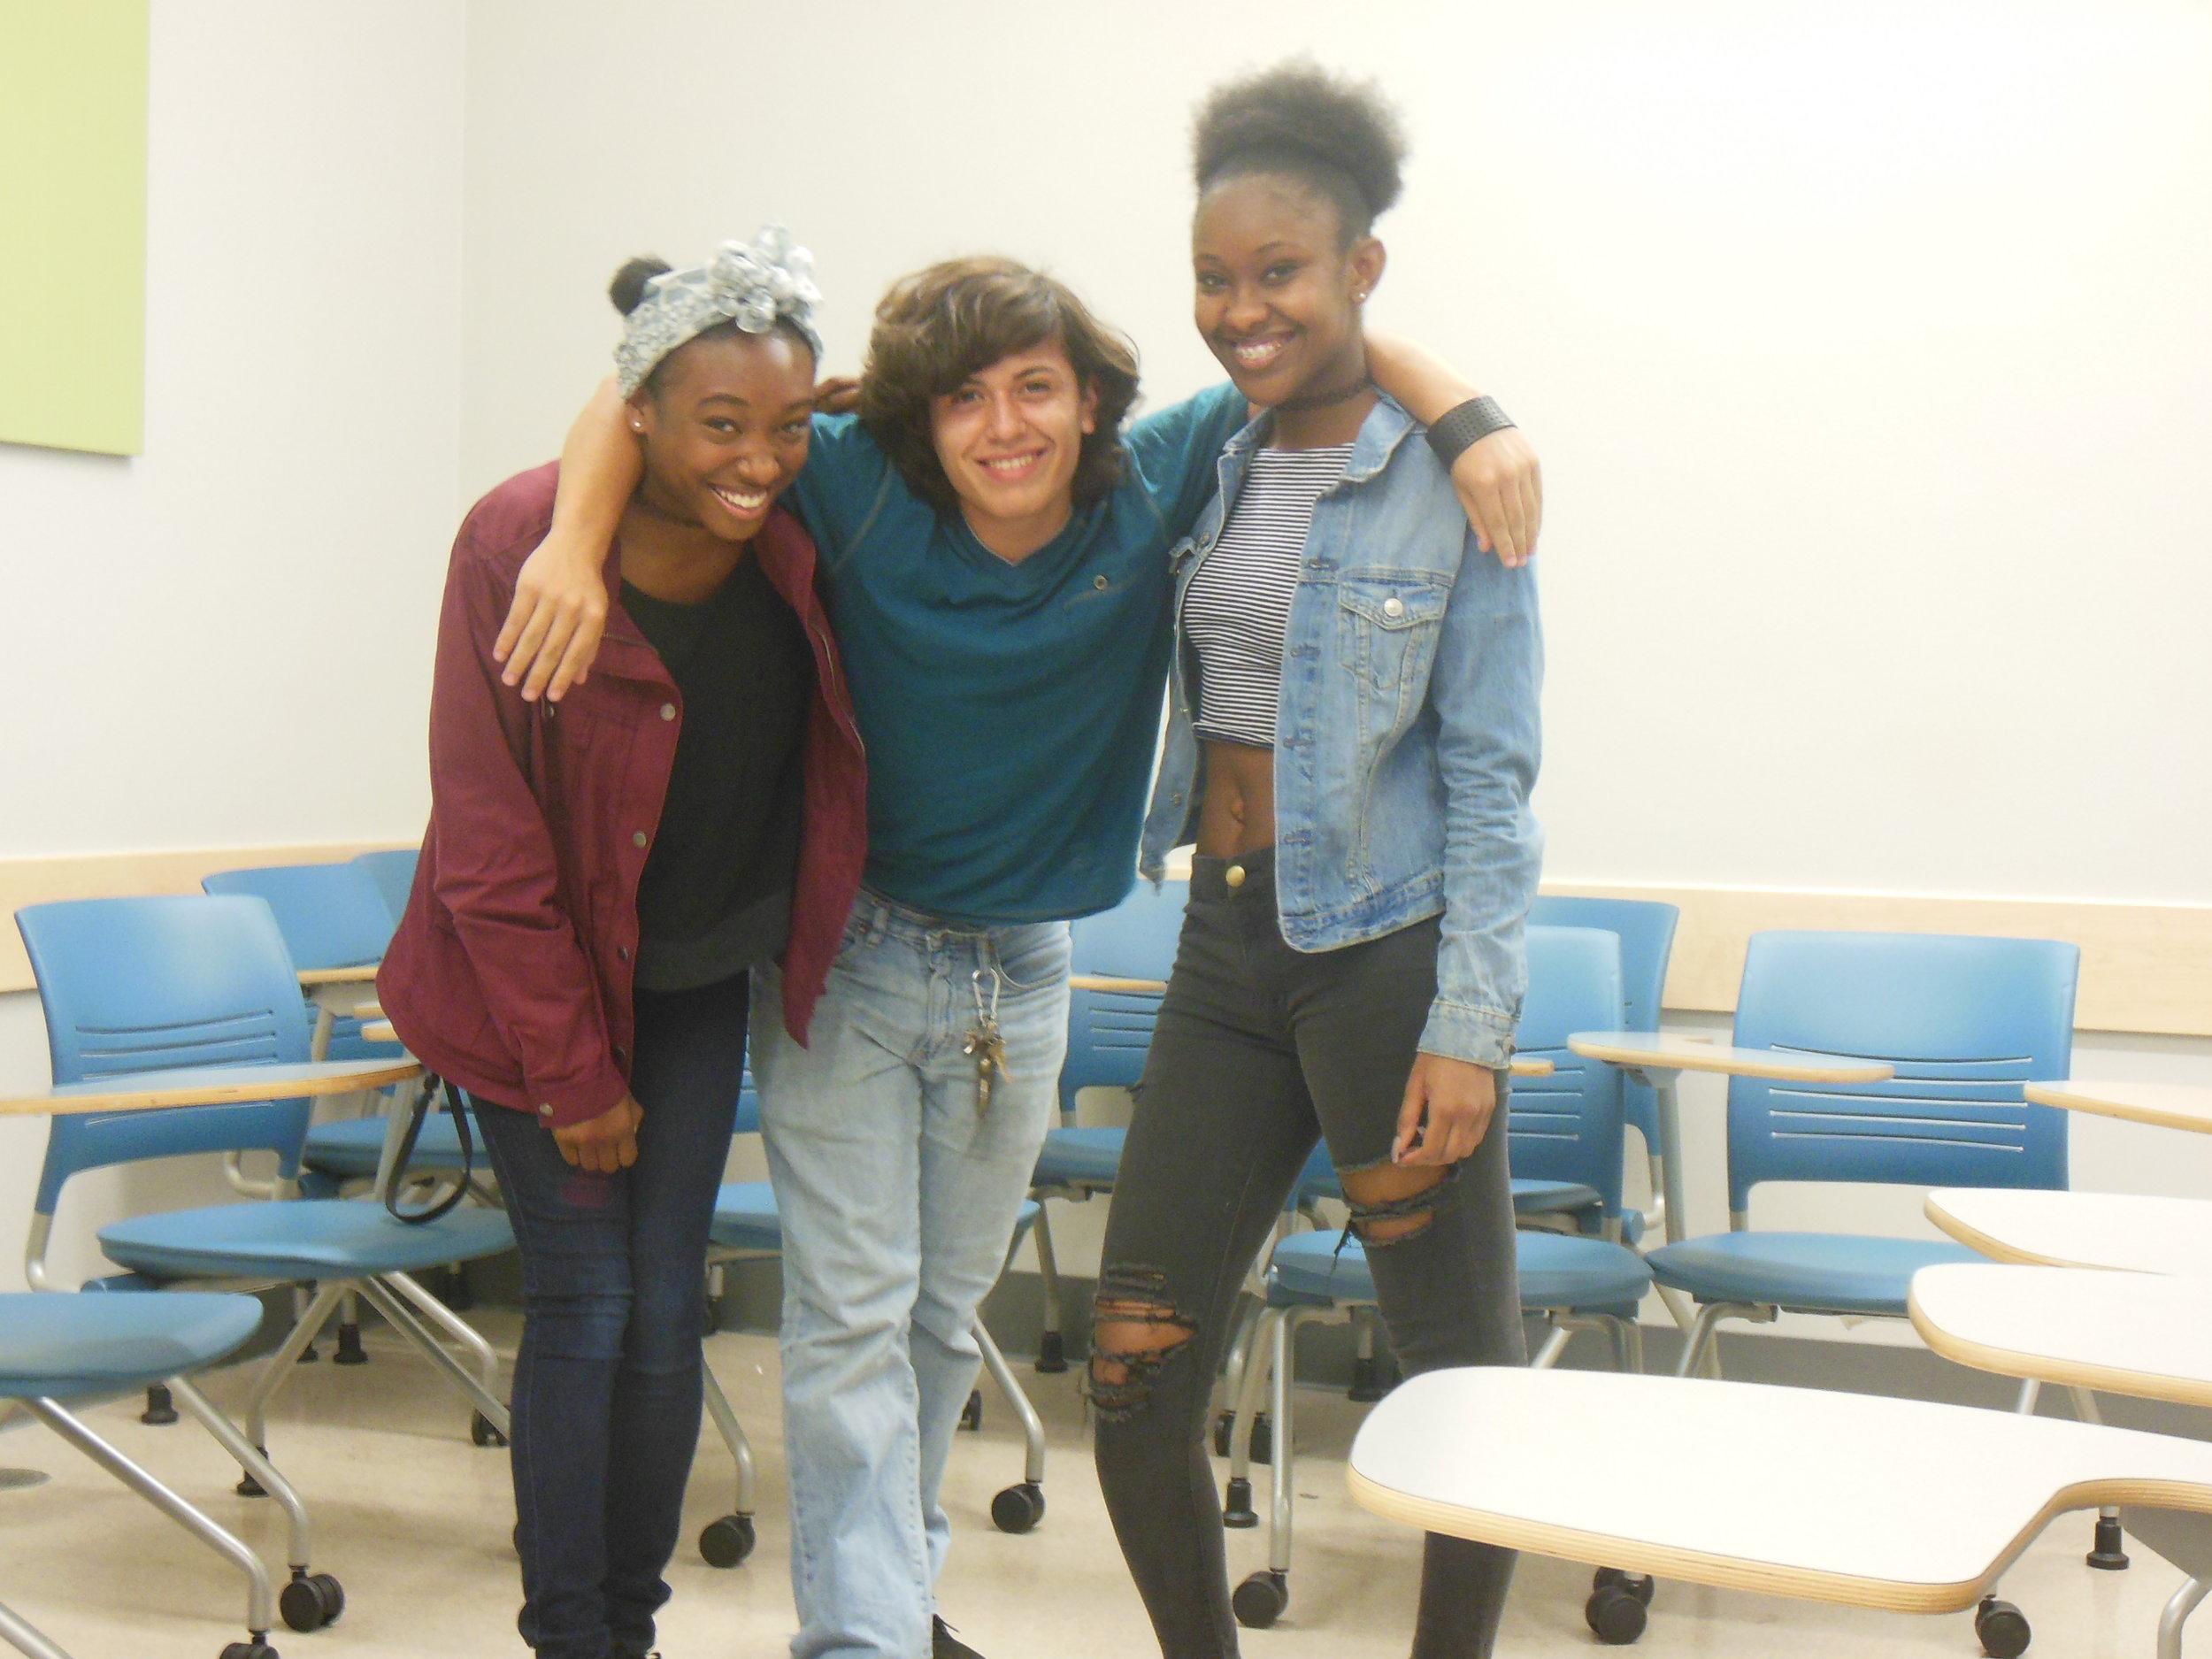 Capri, James, and Lauren